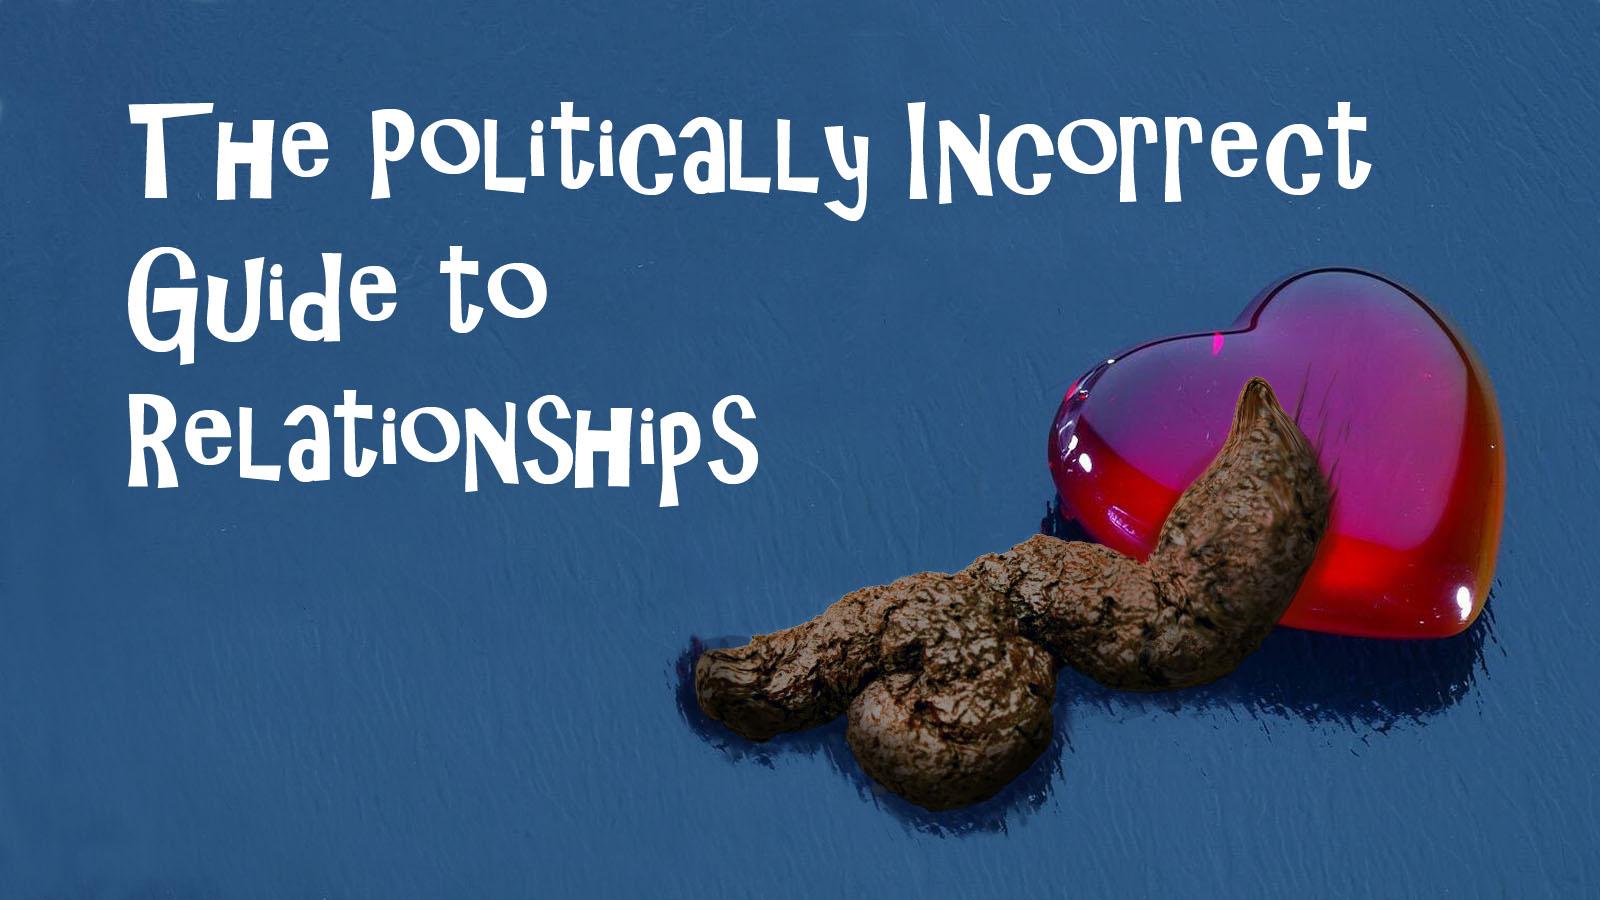 http://1.bp.blogspot.com/-0cNHpla0ZtM/Tf3LkT_MDnI/AAAAAAAAHWU/40gme912uQA/s1600/The%2BPolitically%2BIncorrect%2BGuide%2BTo%2BRelationships.jpg